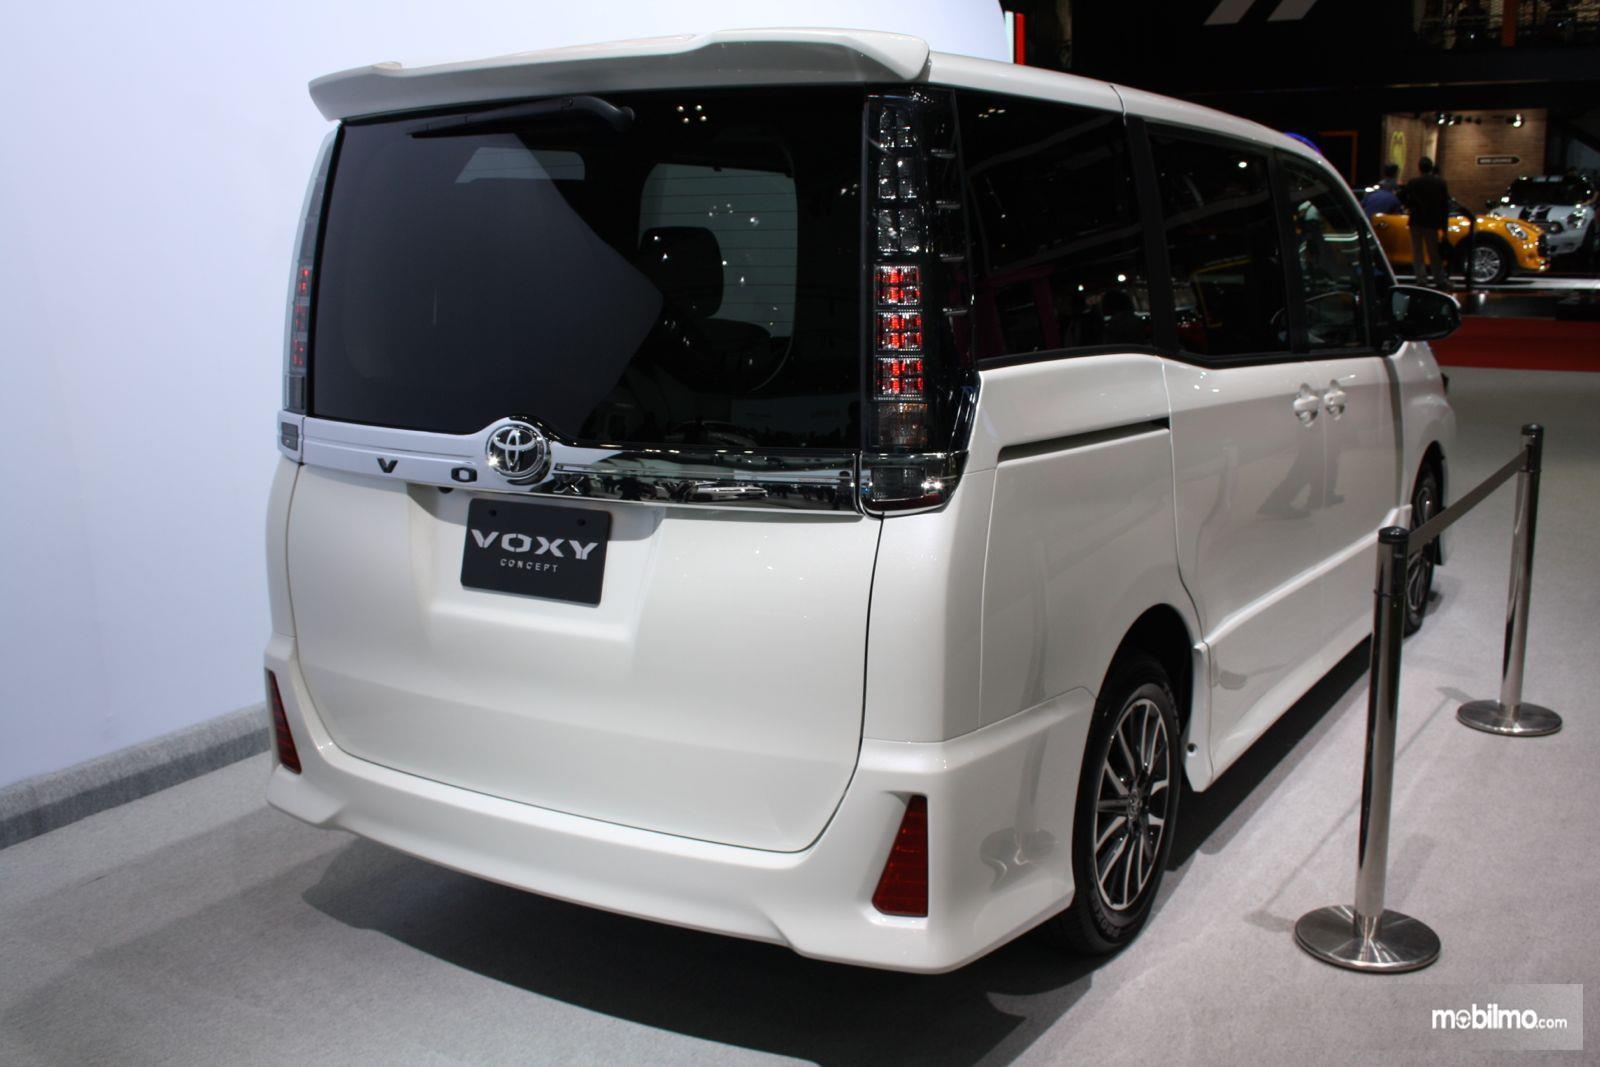 Gambar mobil Toyota Voxy 2018 berwarna putih dilihat dari sisi belakang